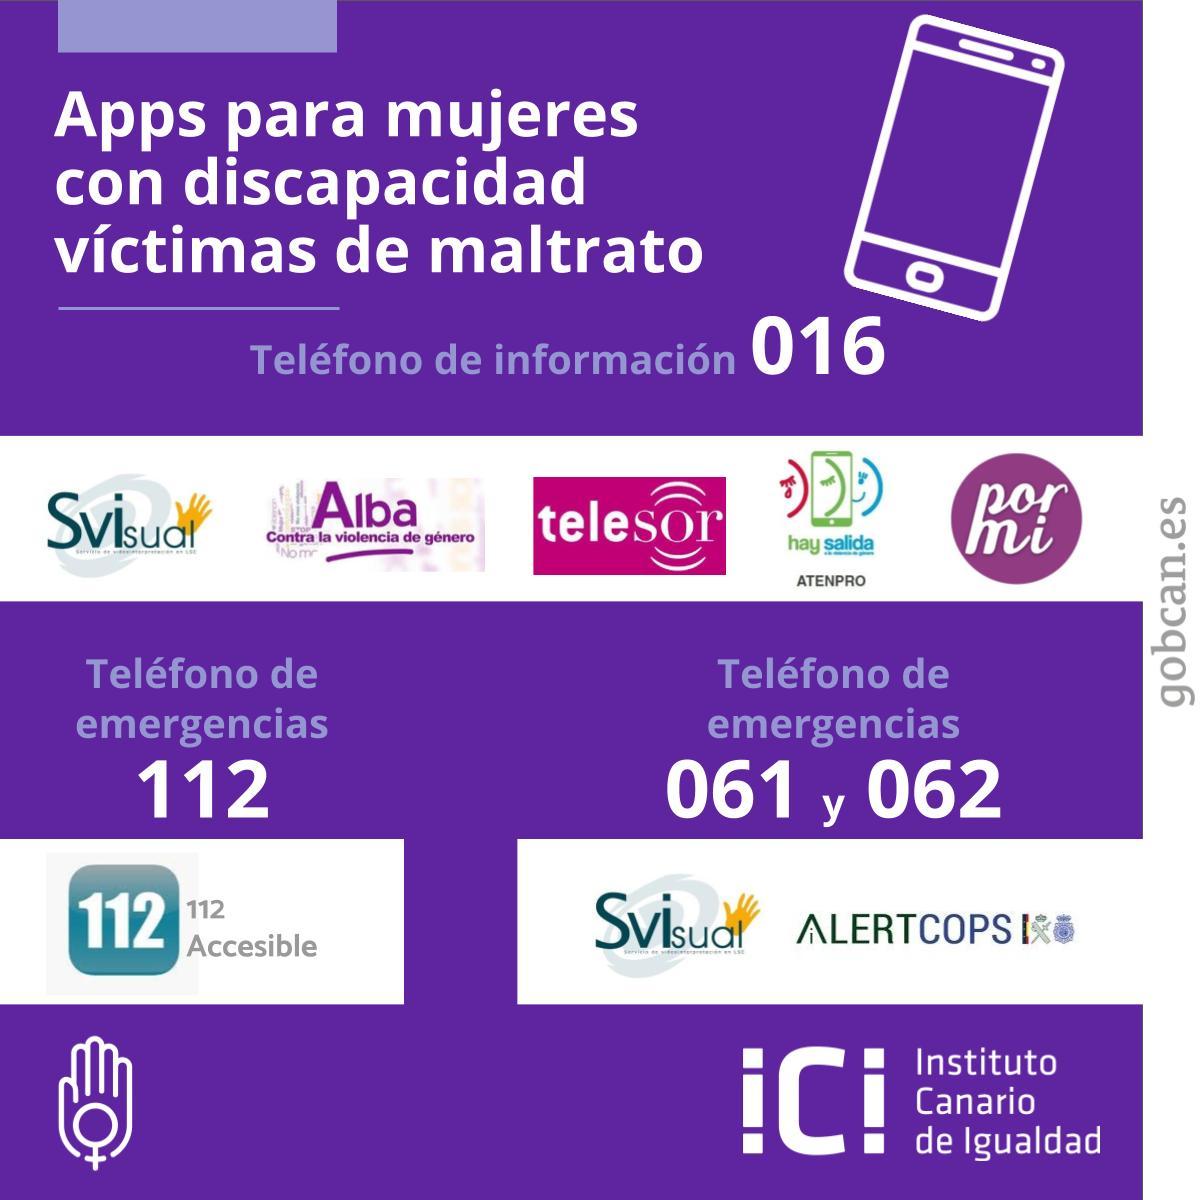 Apps para maltrato y discapacidad